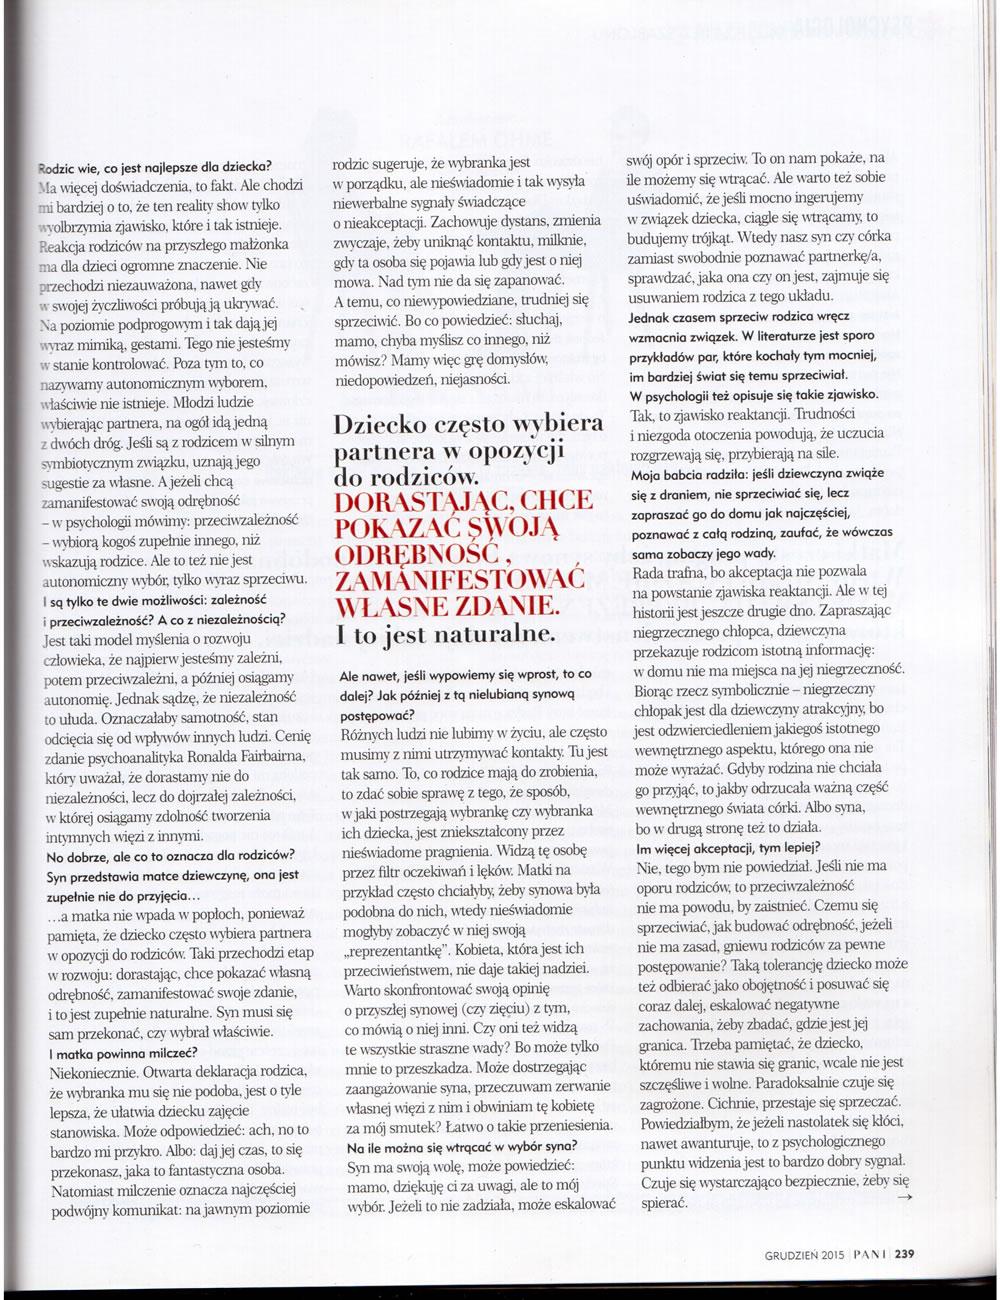 PANI grudzień 2015, strona 2